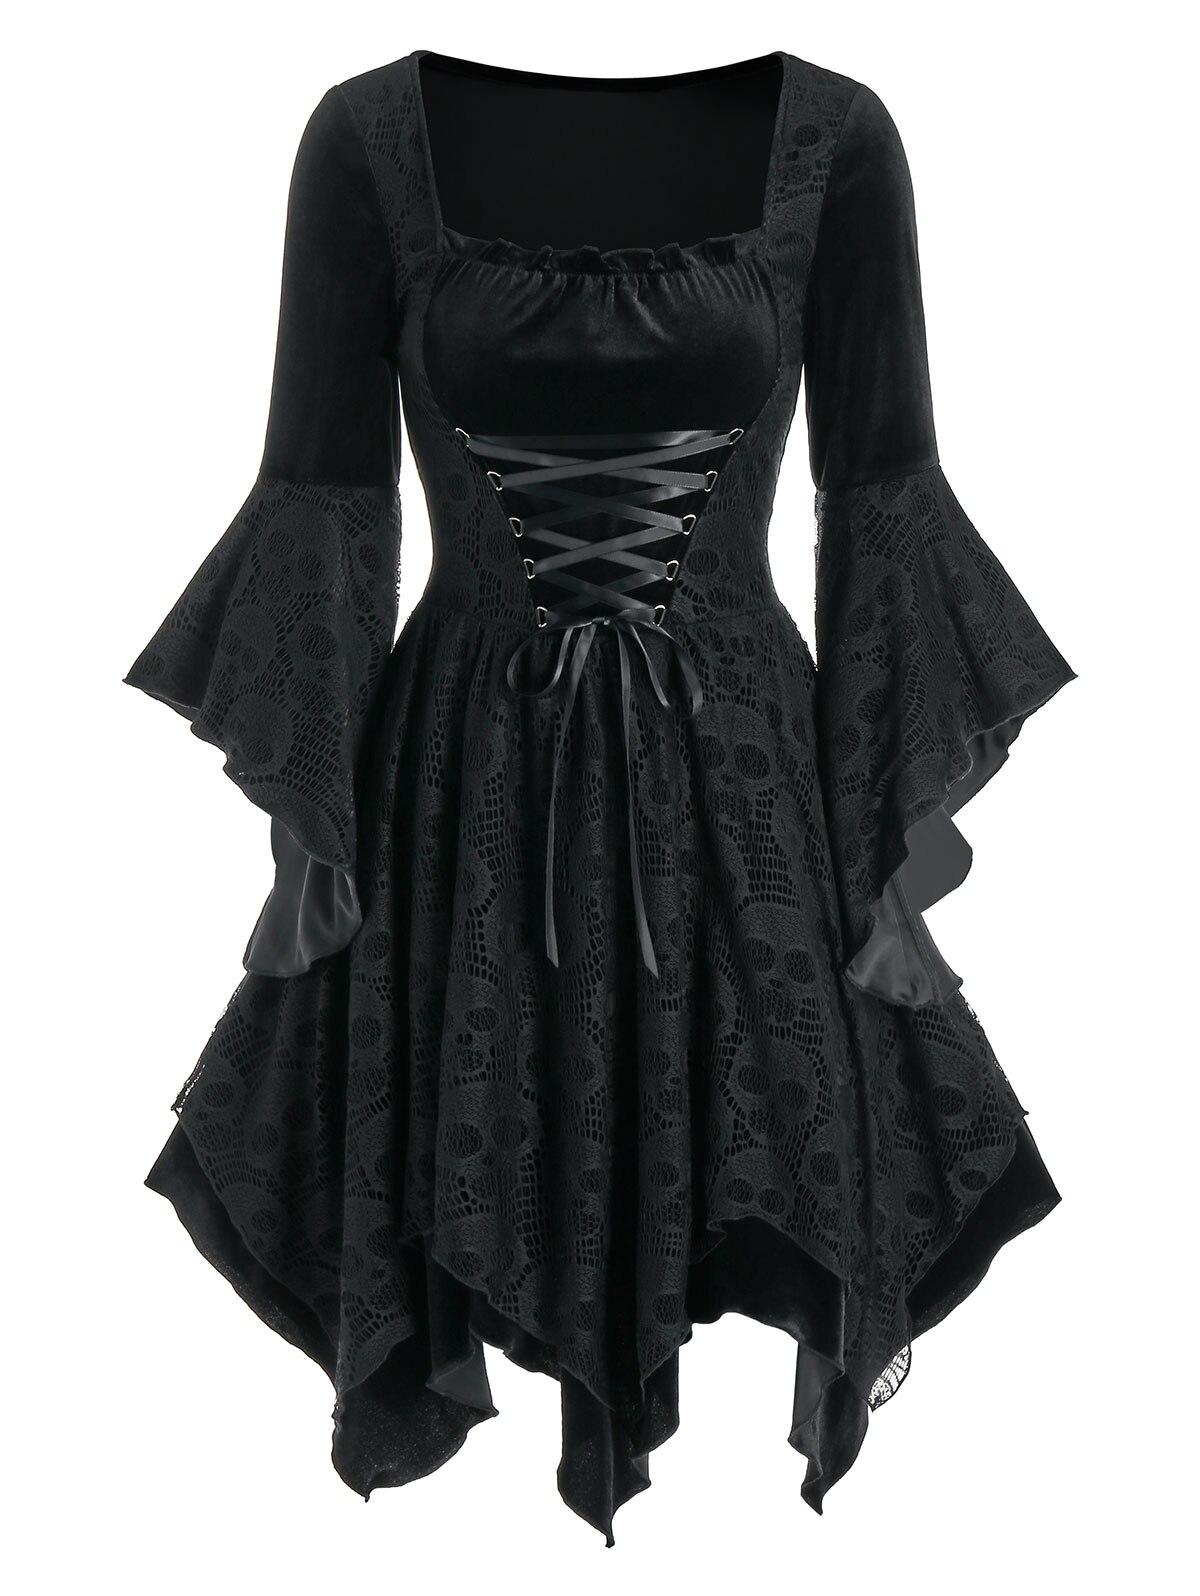 Wipalo Vintage Schwarz Samt Gothic Kleid Frauen Schädel Spitze Einsatz Spitze-Up Taschentuch Kleid Weibliche Party Kleider Streetwear 3XL